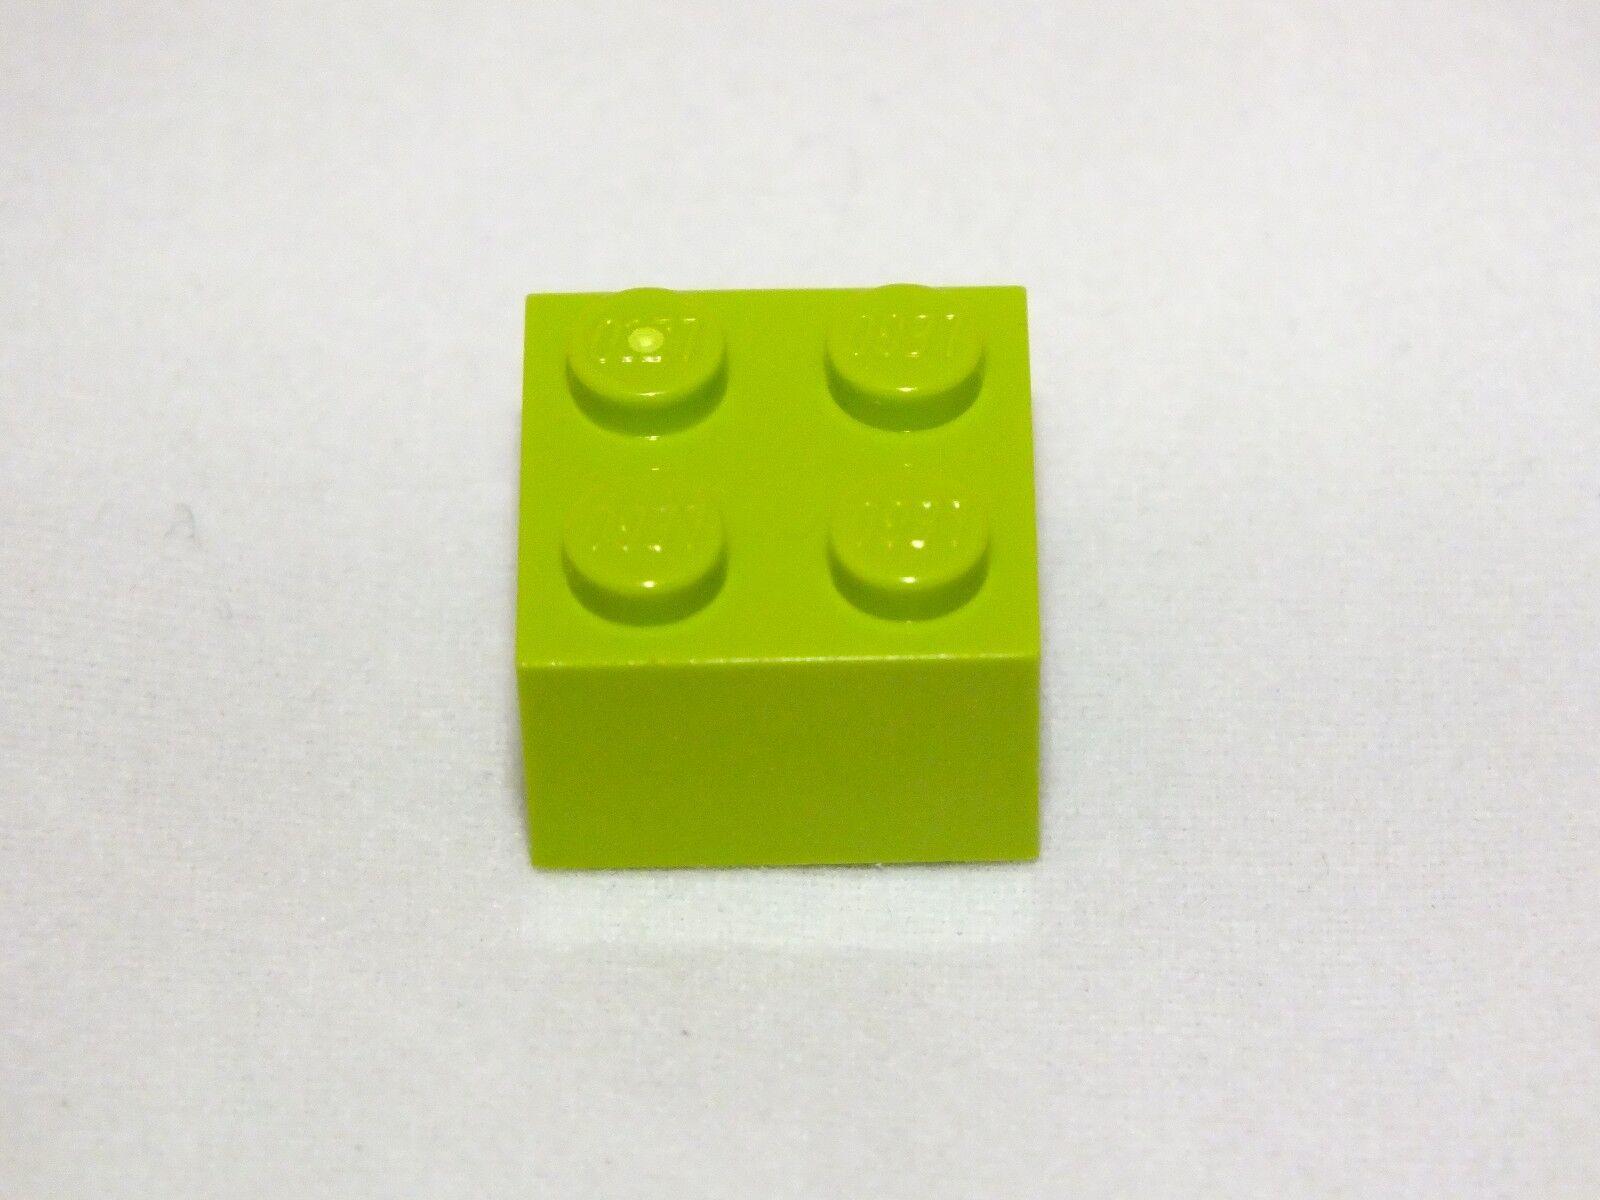 Lego 2X2 VERT CLAIR Brique Neuf jamais utilisé 425 PIECES